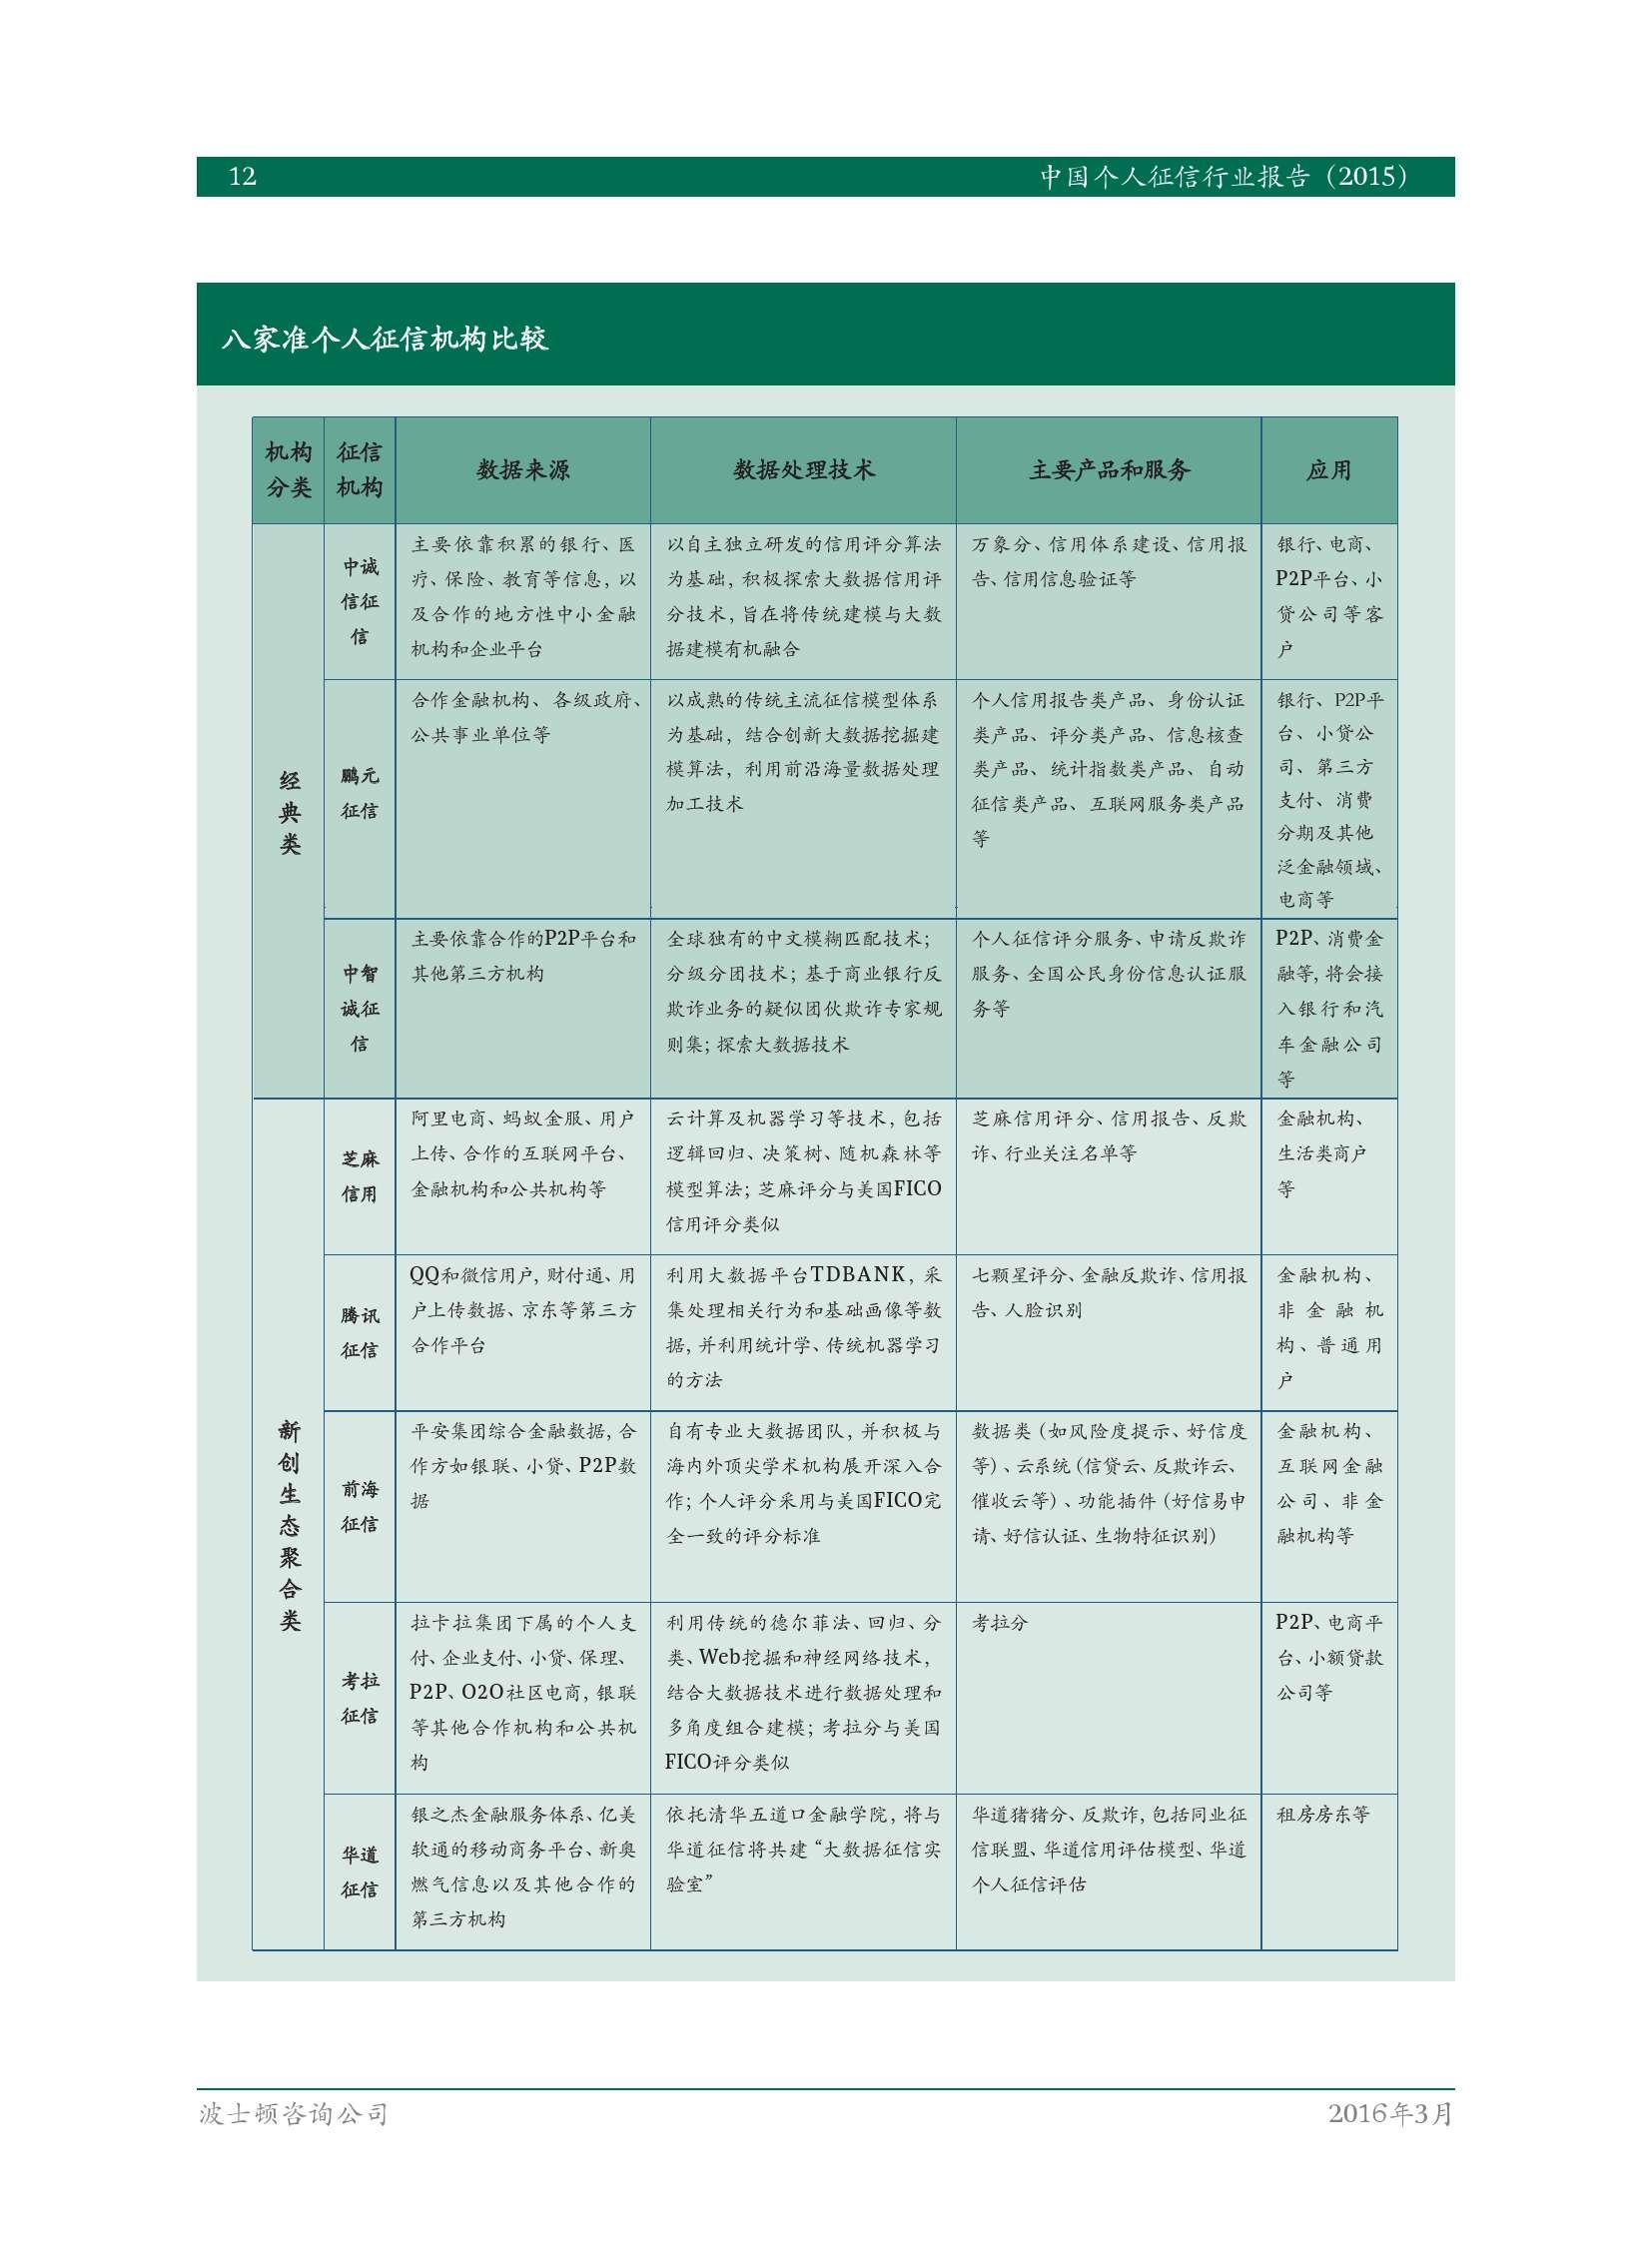 金融征信体系_波士顿咨询:2015年中国个人征信行业报告(附下载) | 互联网 ...